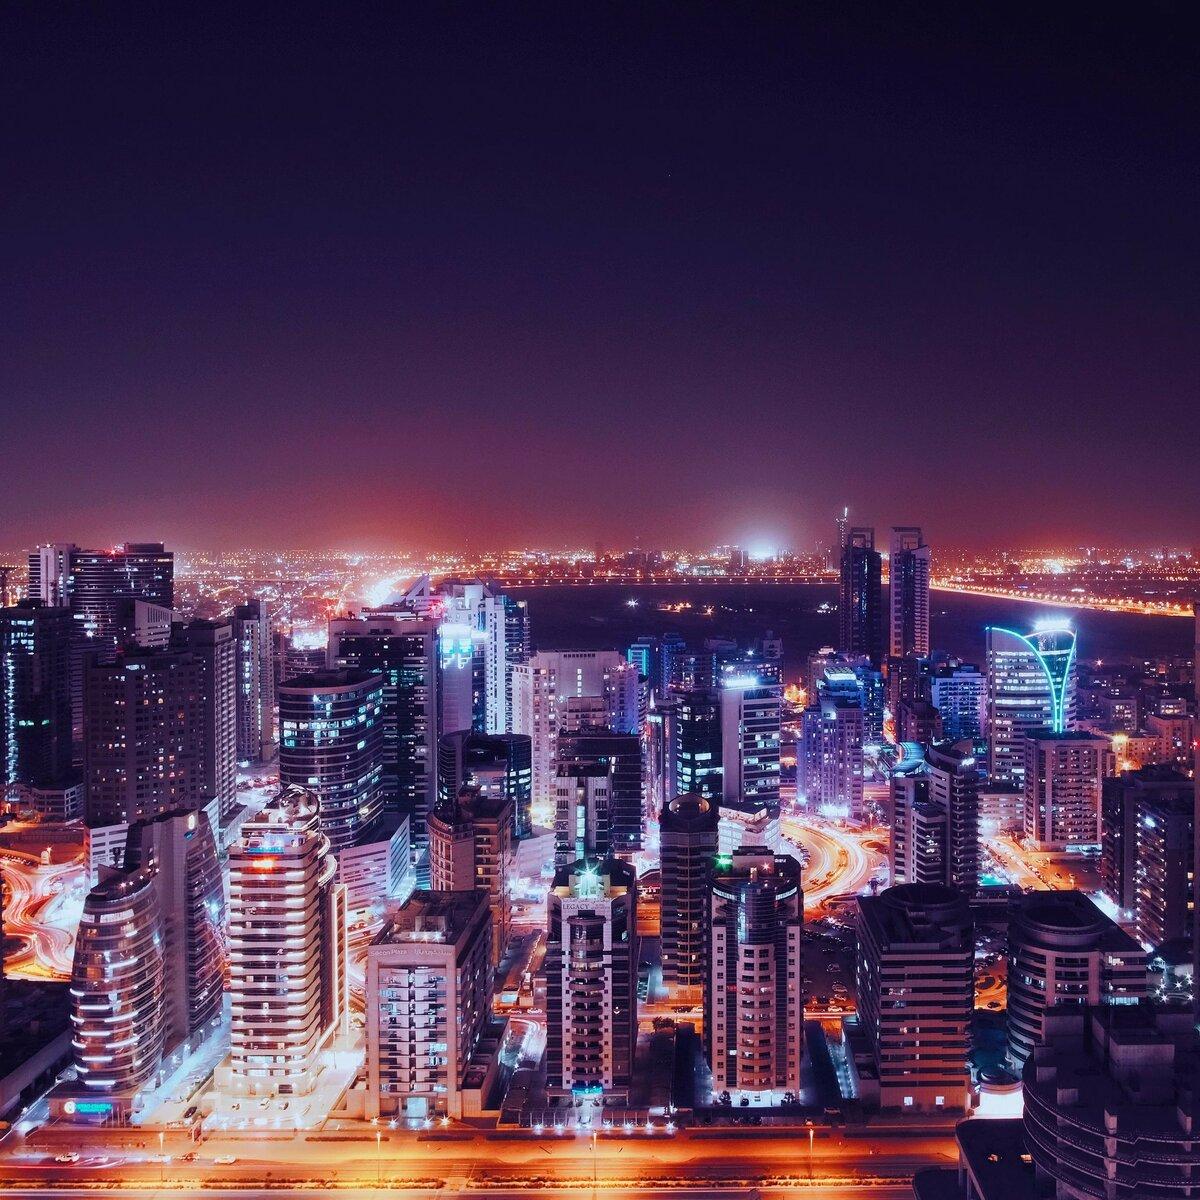 Картинки для телефона виды городов